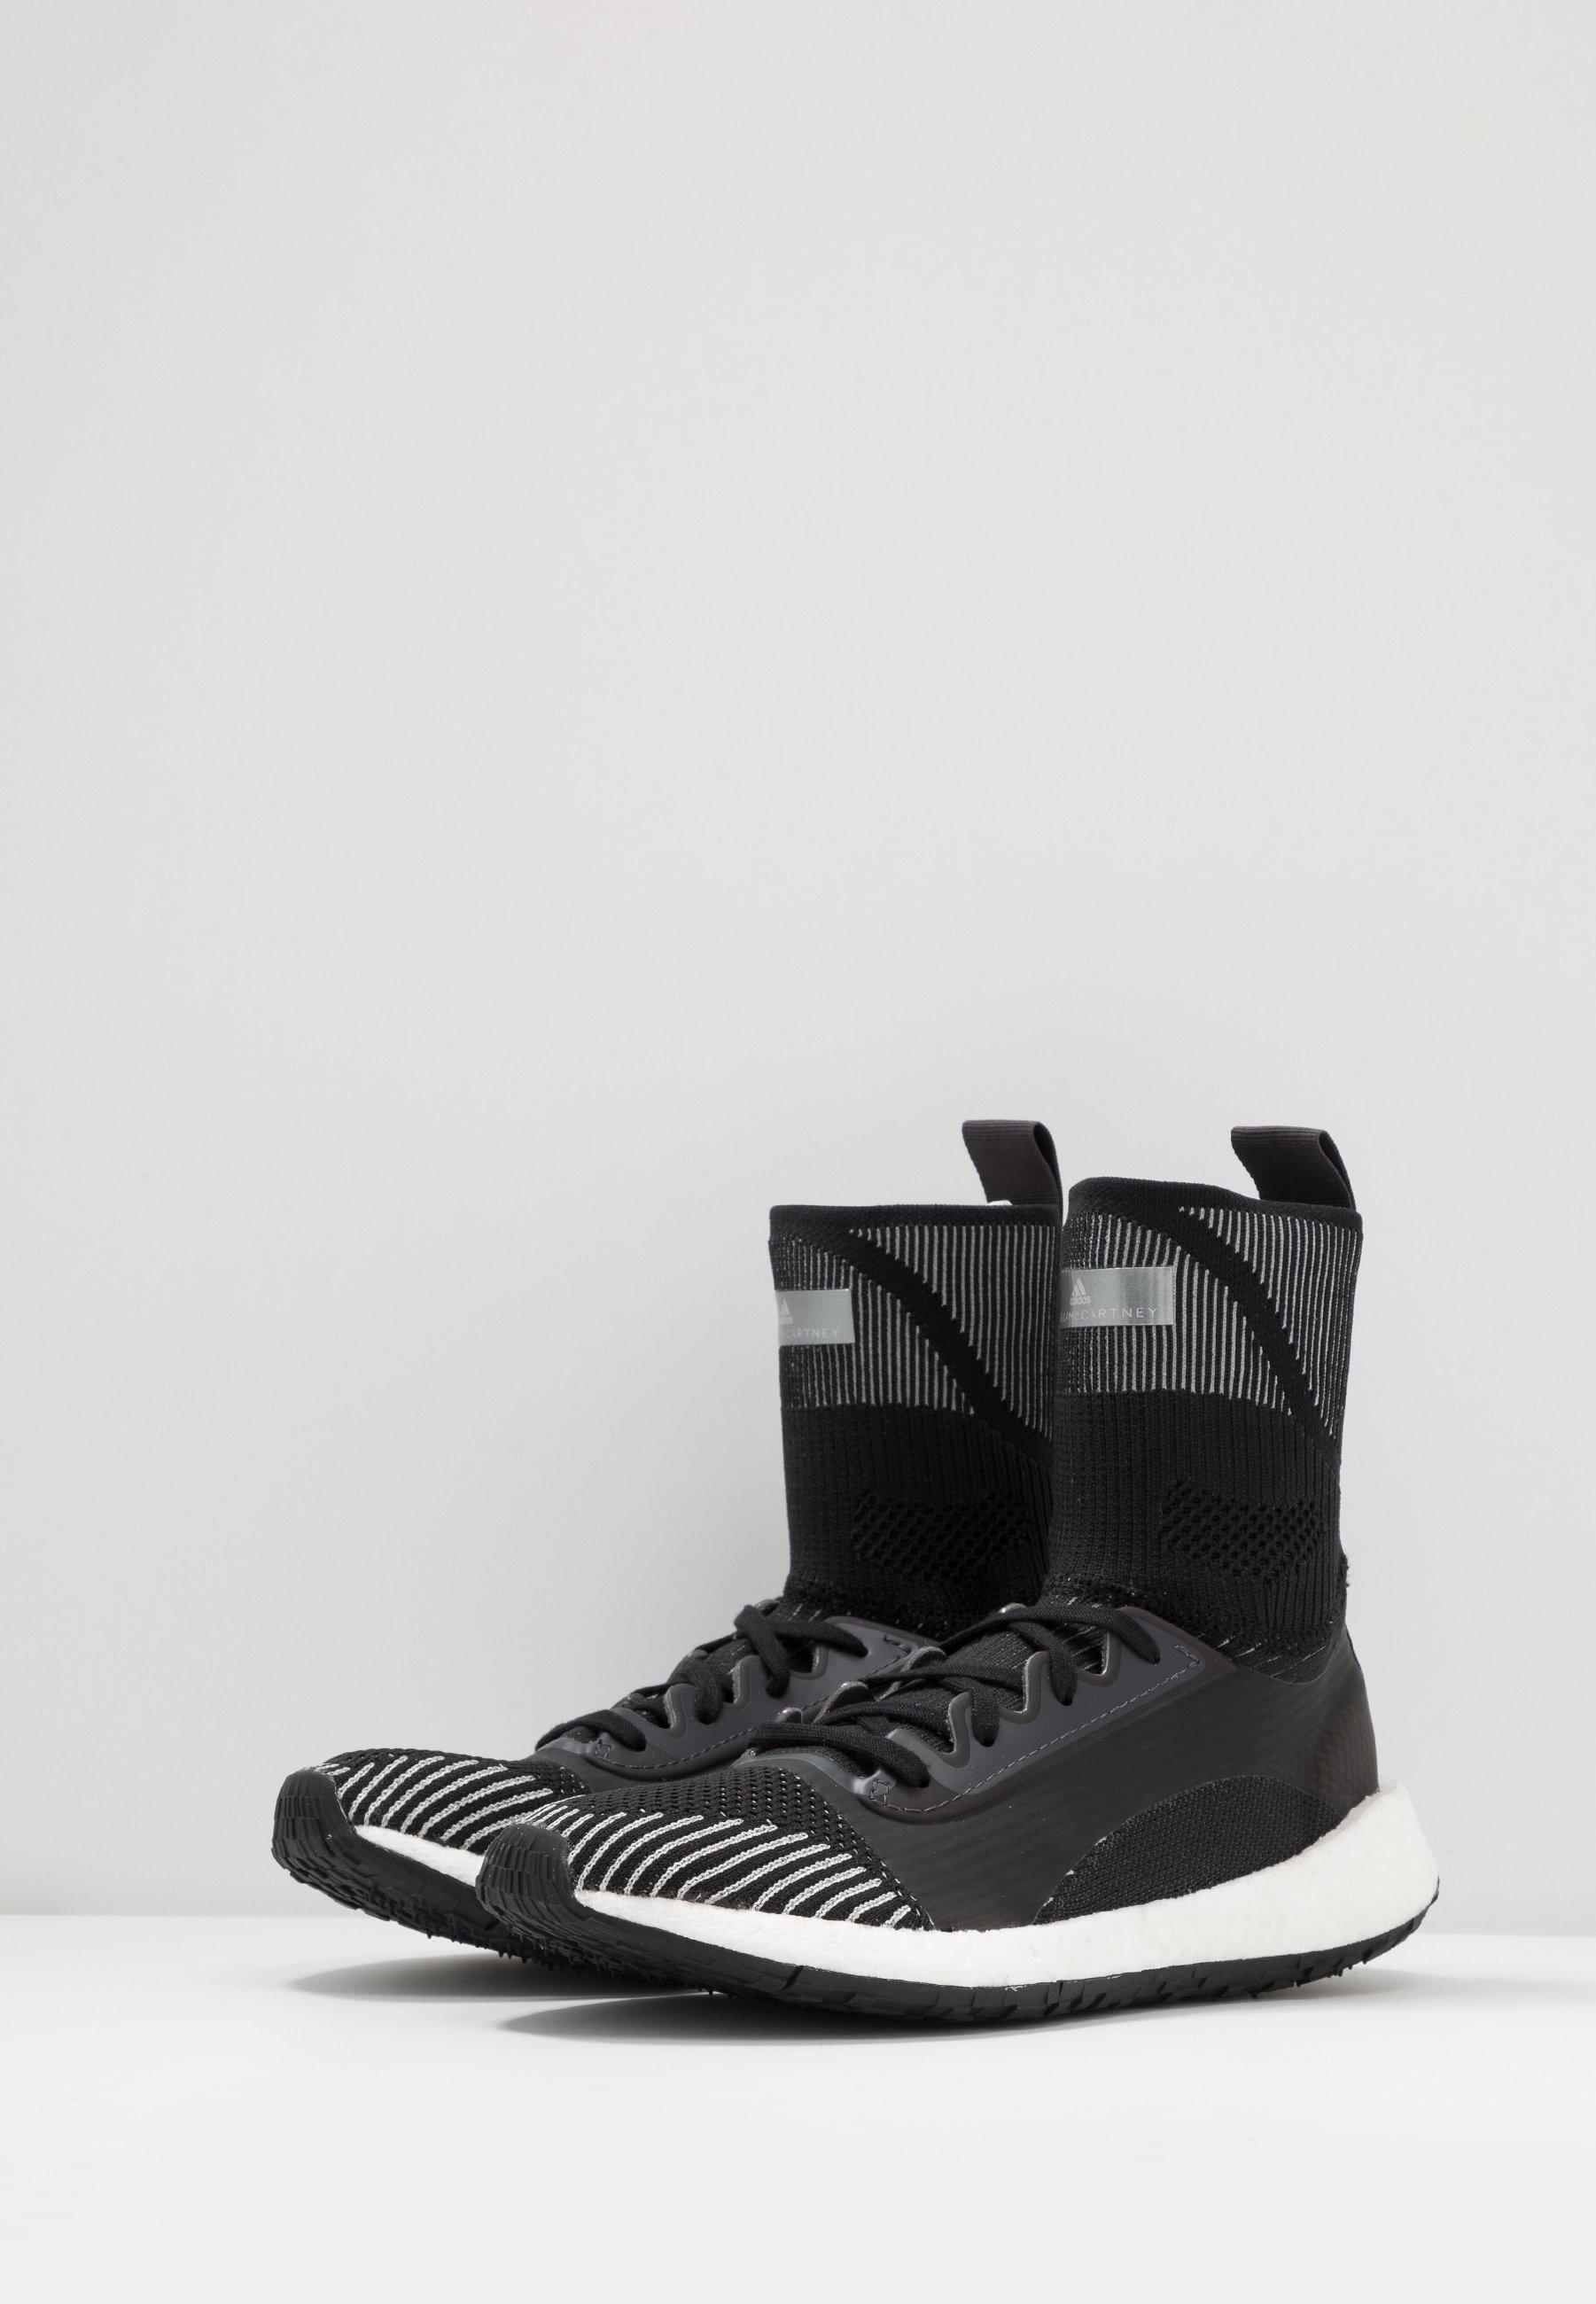 Adidas By Stella Mccartney Pulseboost Hd Mid S. - Zapatillas De Entrenamiento Utility Black/dust Rose